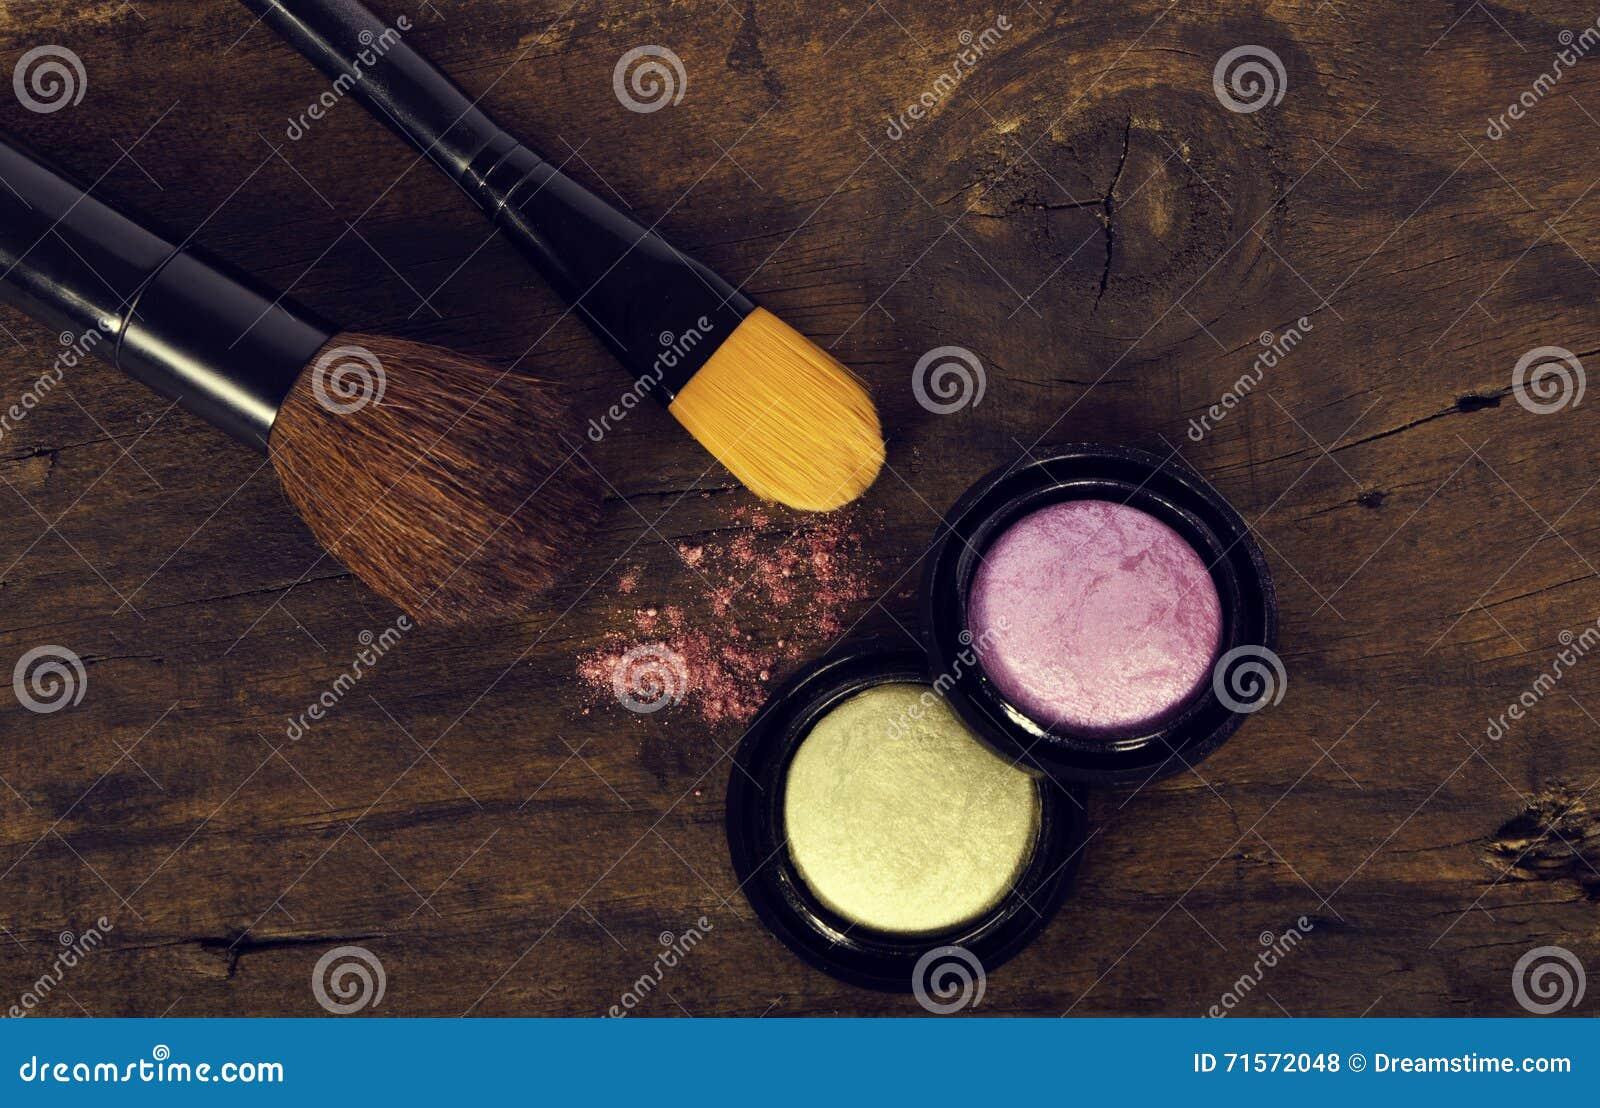 Εξαρτήματα Makeup